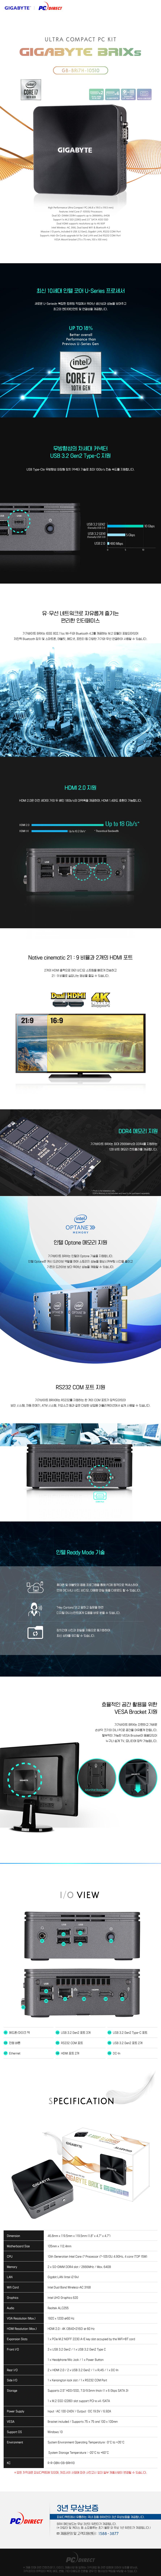 GIGABYTE BRIX GB-BRi7H-10510 SSD 피씨디렉트 (4GB, SSD 240GB)